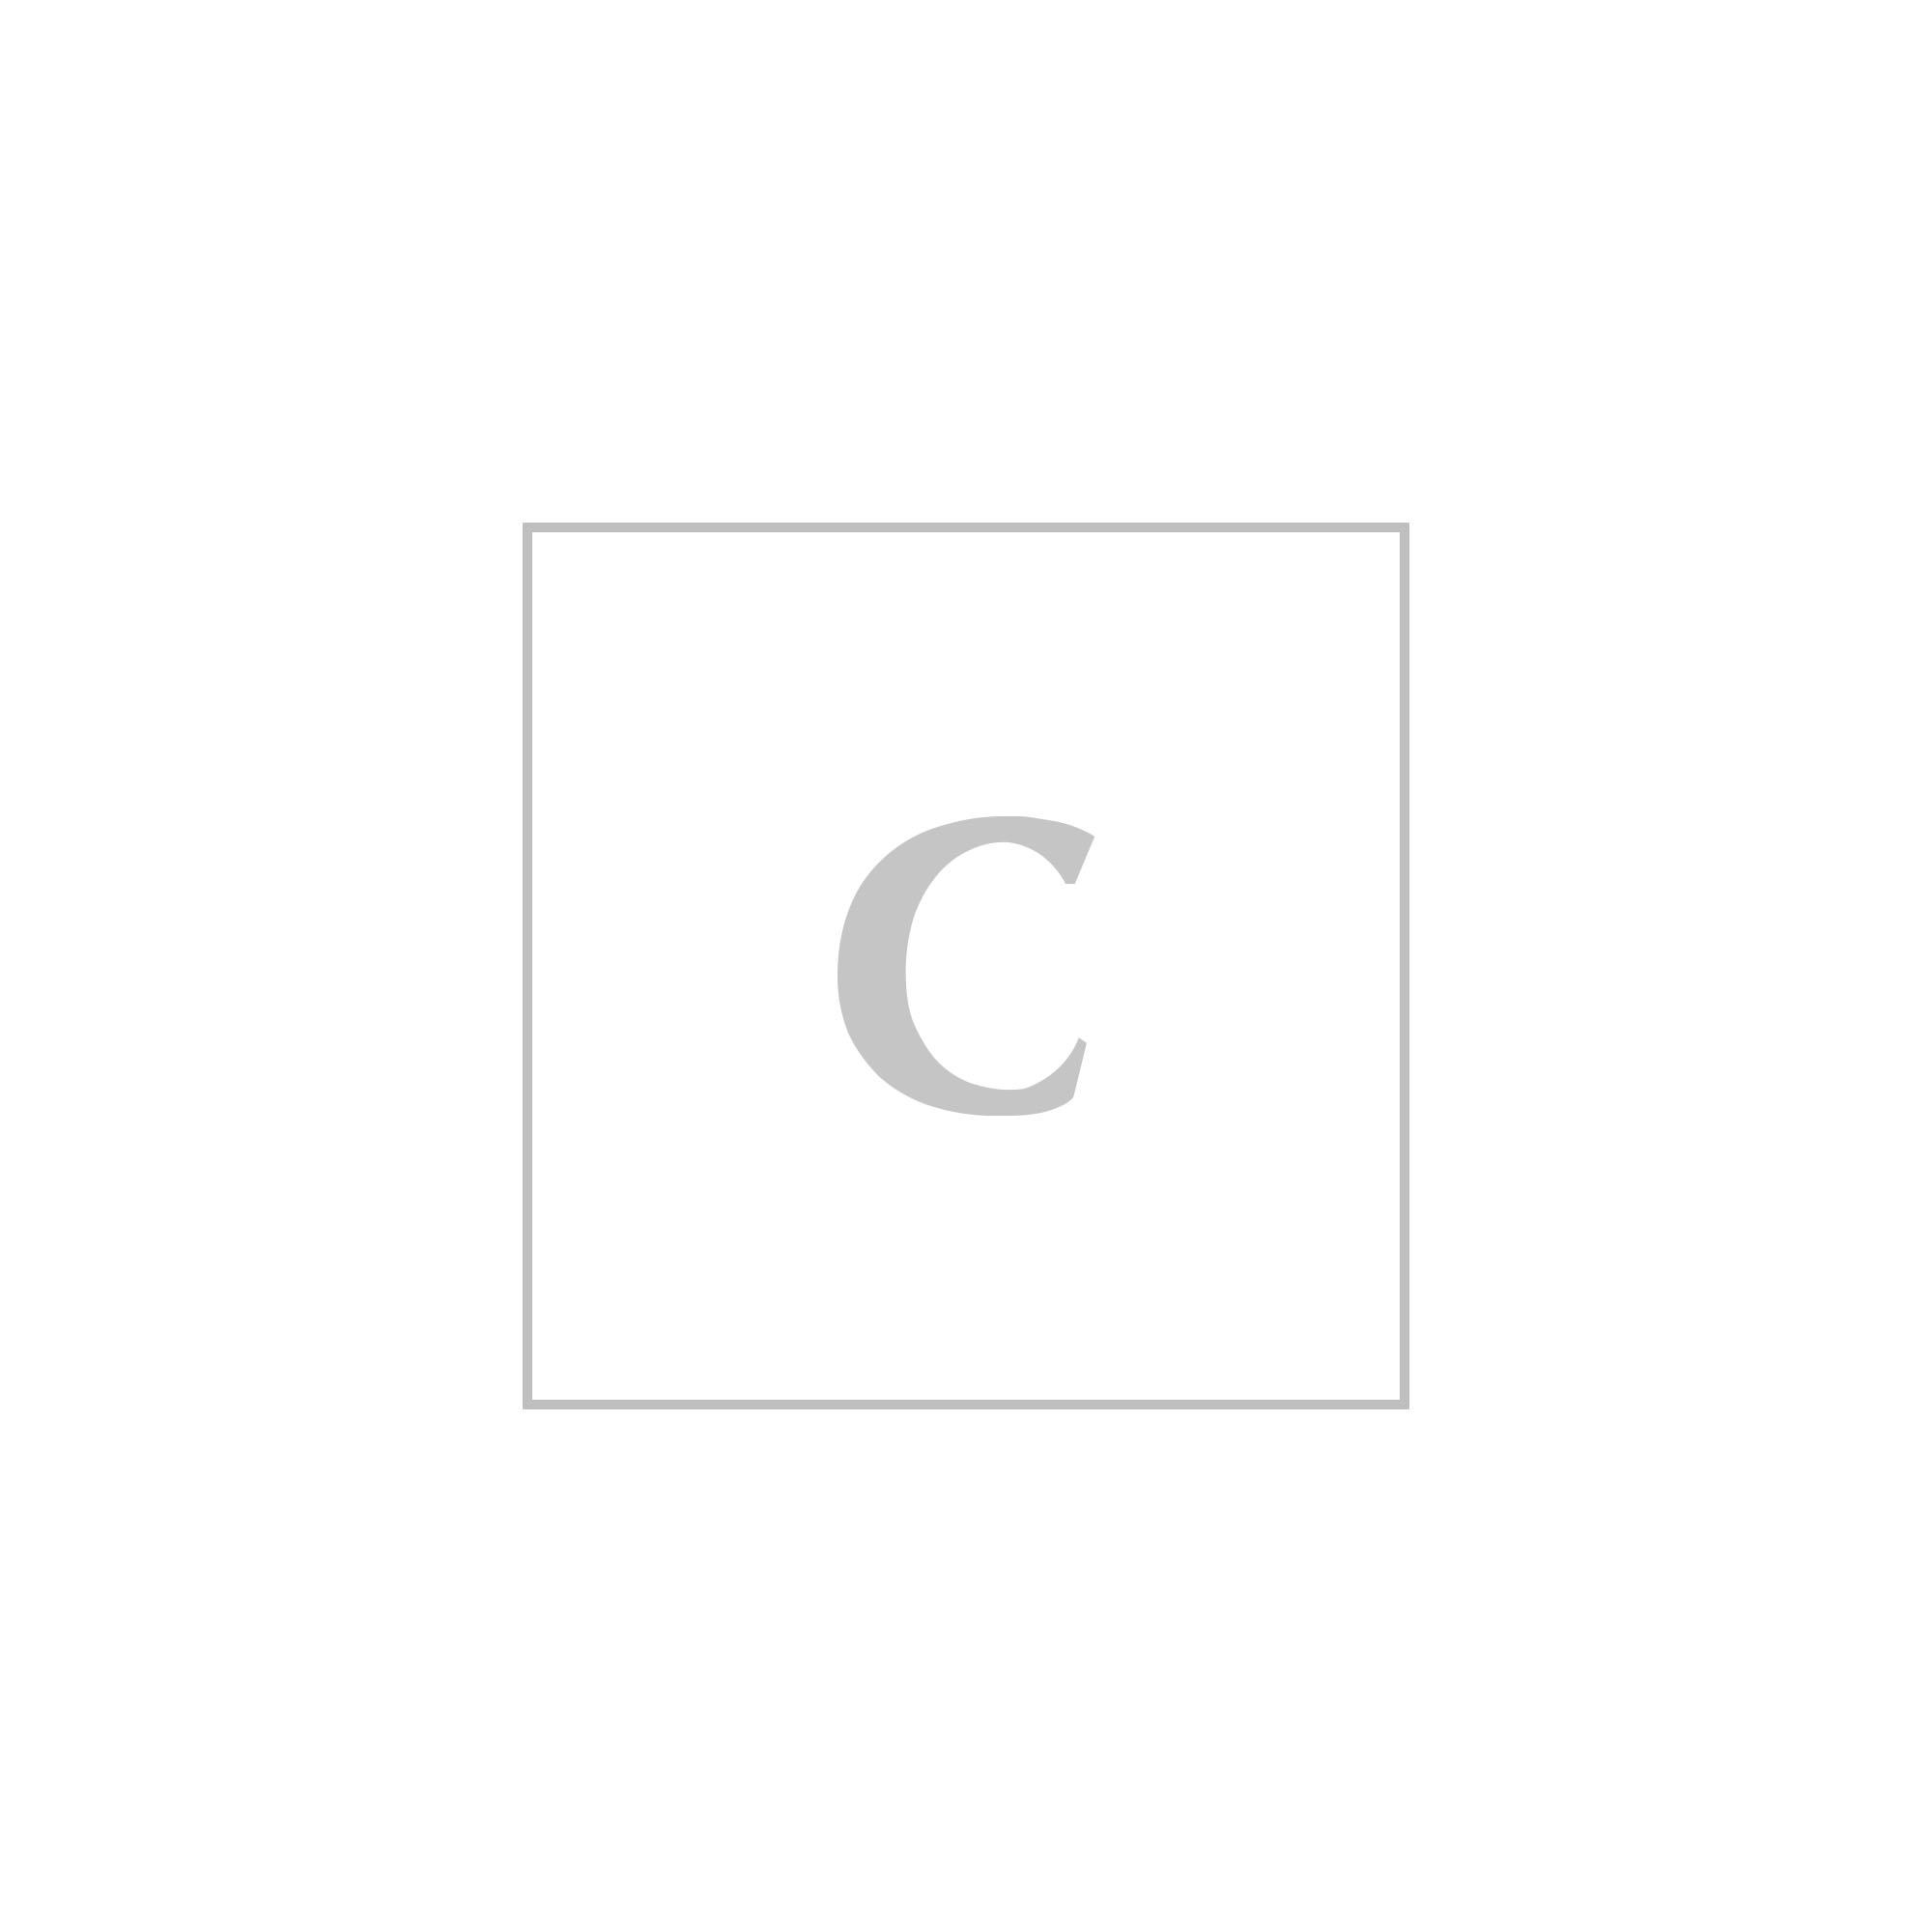 Salvatore ferragamo scarpa 3e giordano 025689 080 gropp.rov castoro s